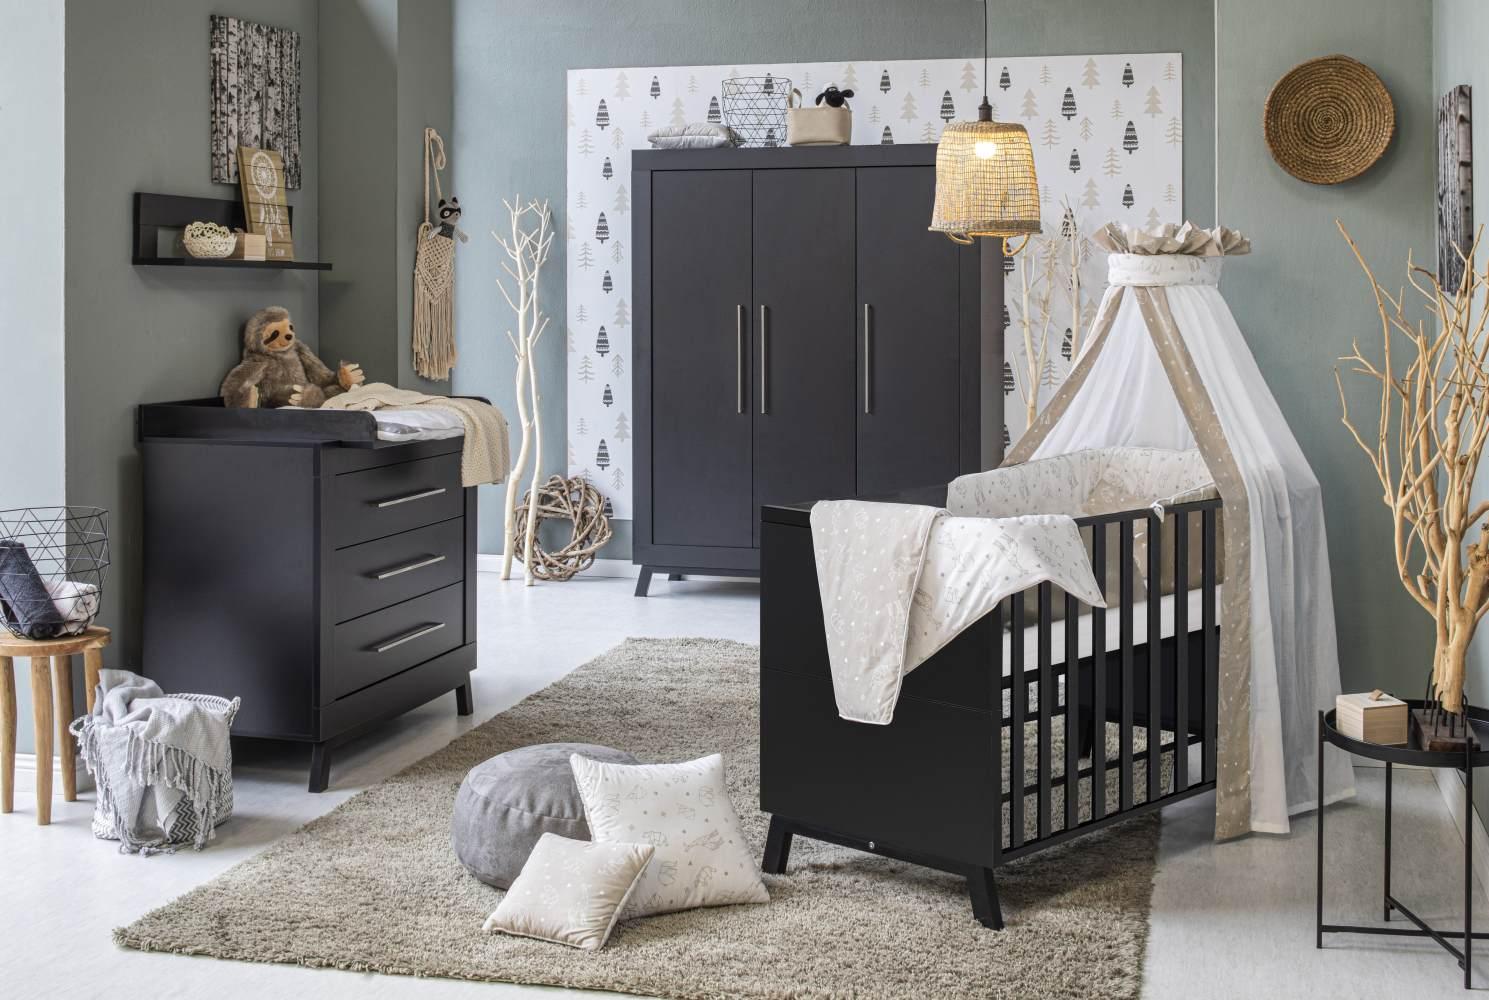 Schardt 'Miami Black' 3-tlg. Babyzimmer-Set, schwarz, 3-türiger Schrank Bild 1